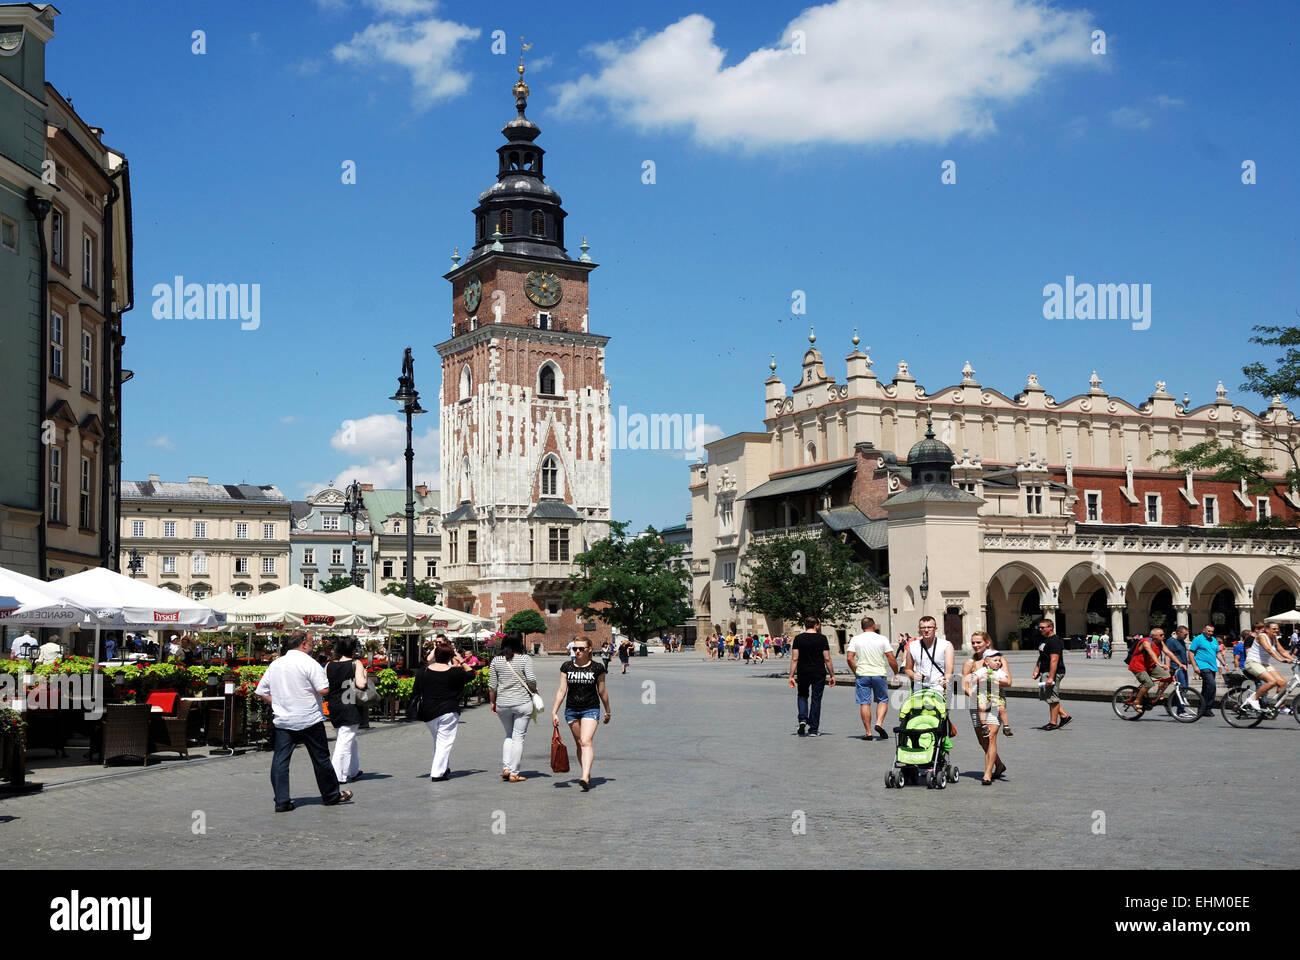 La place principale de Cracovie en Pologne avec tour de ville et de l'Étoffe Halls. Photo Stock